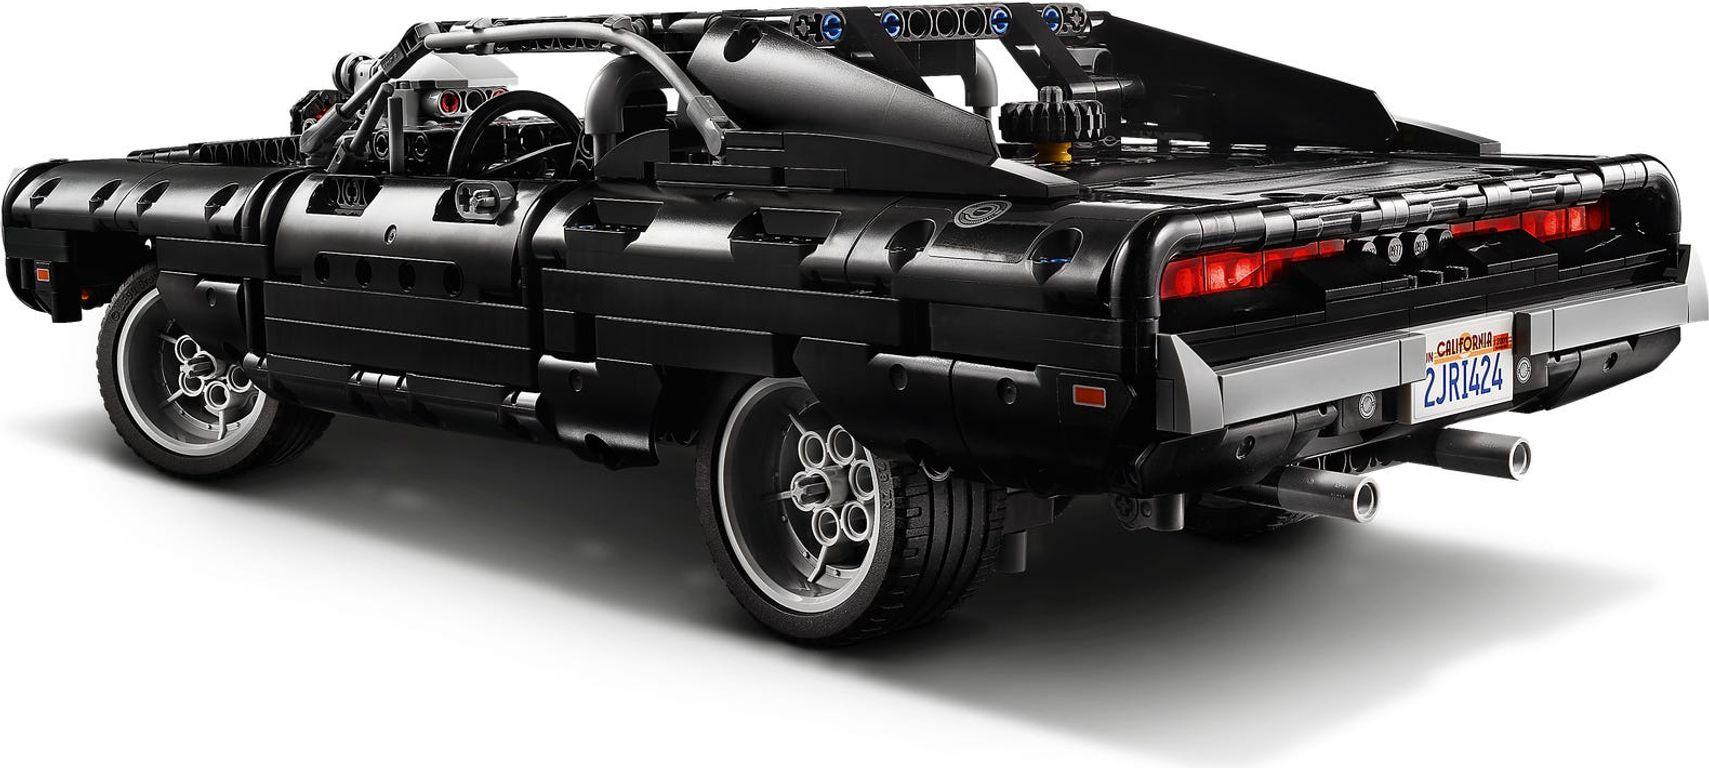 Dom's Dodge Charger back side